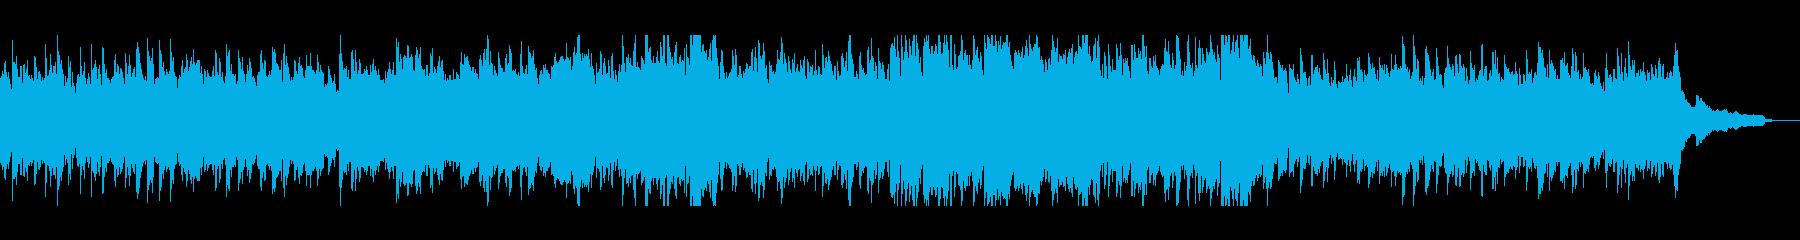 ピアノの素敵な音色の優雅なバラードの再生済みの波形